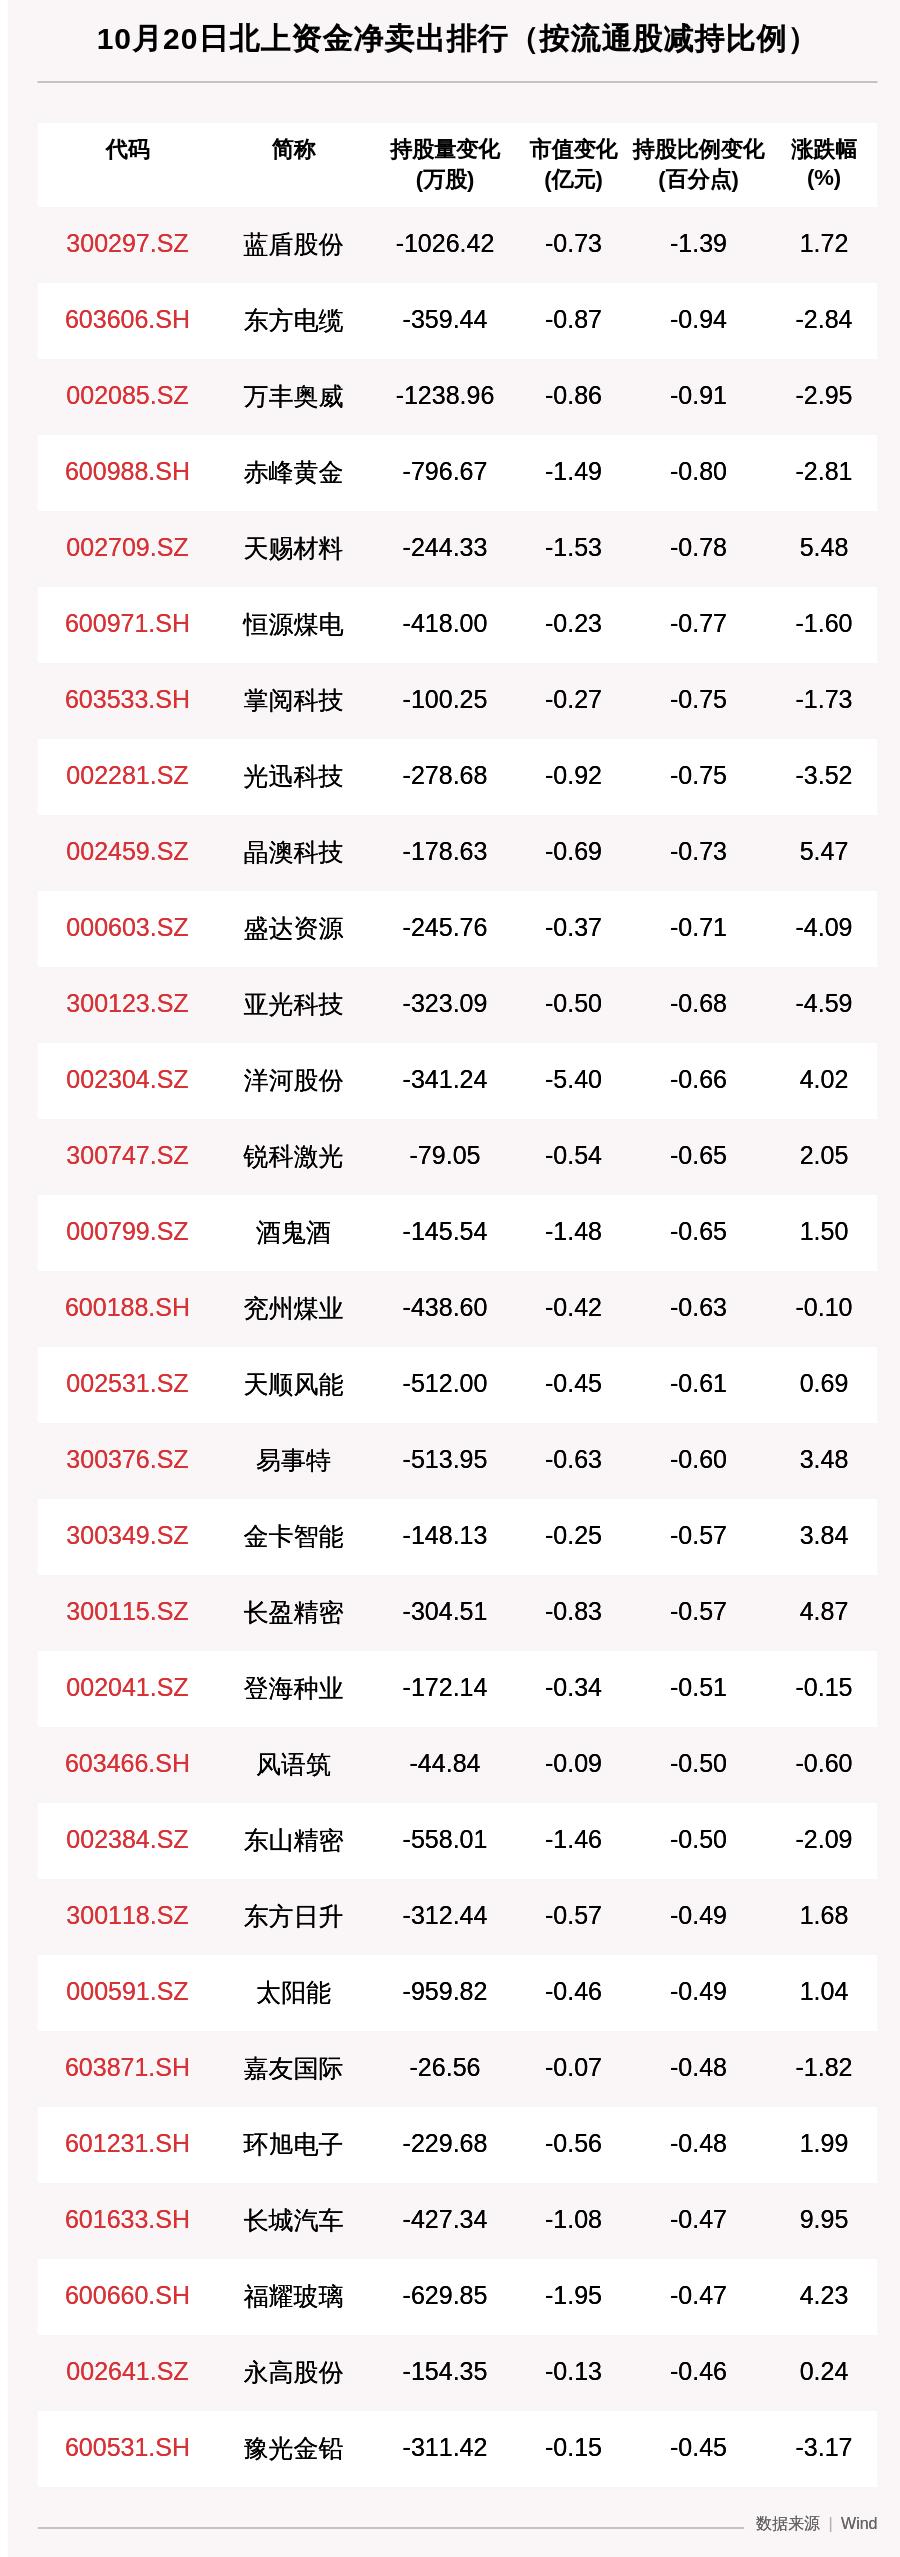 《【超越注册平台】北向资金动向曝光:10月20日这30只个股遭大甩卖(附名单)》